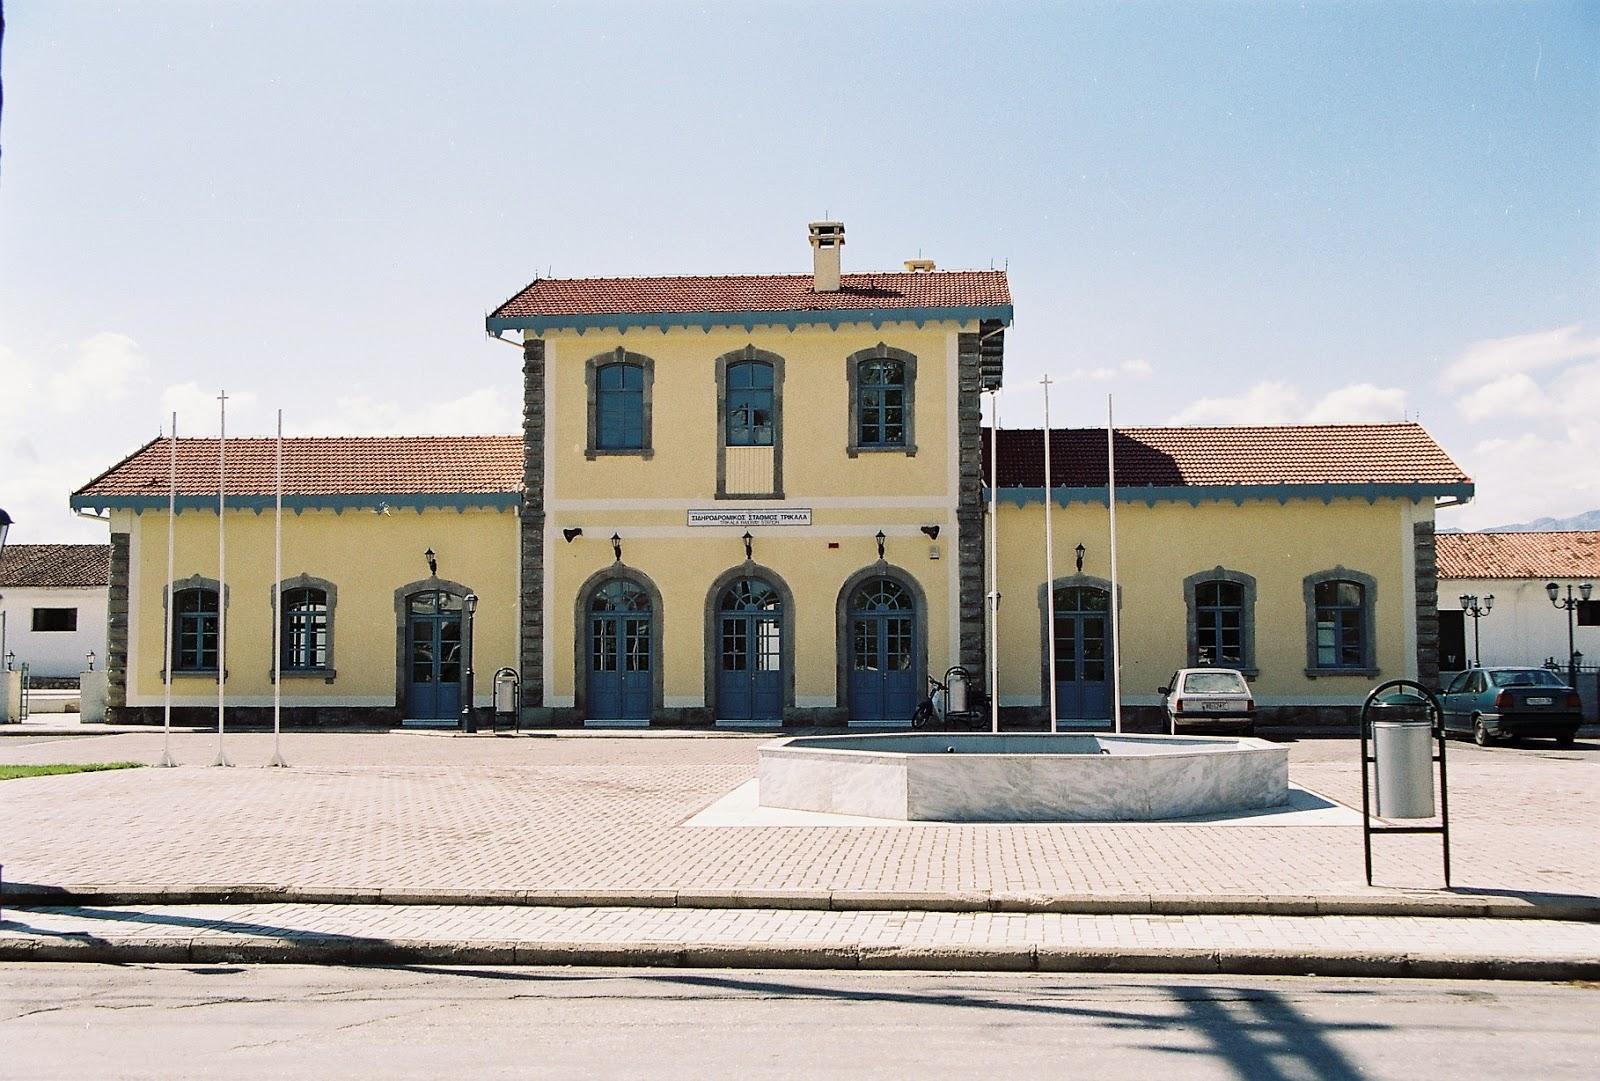 Αποτέλεσμα εικόνας για σιδηροδρομικοσ σταθμος τρικαλων